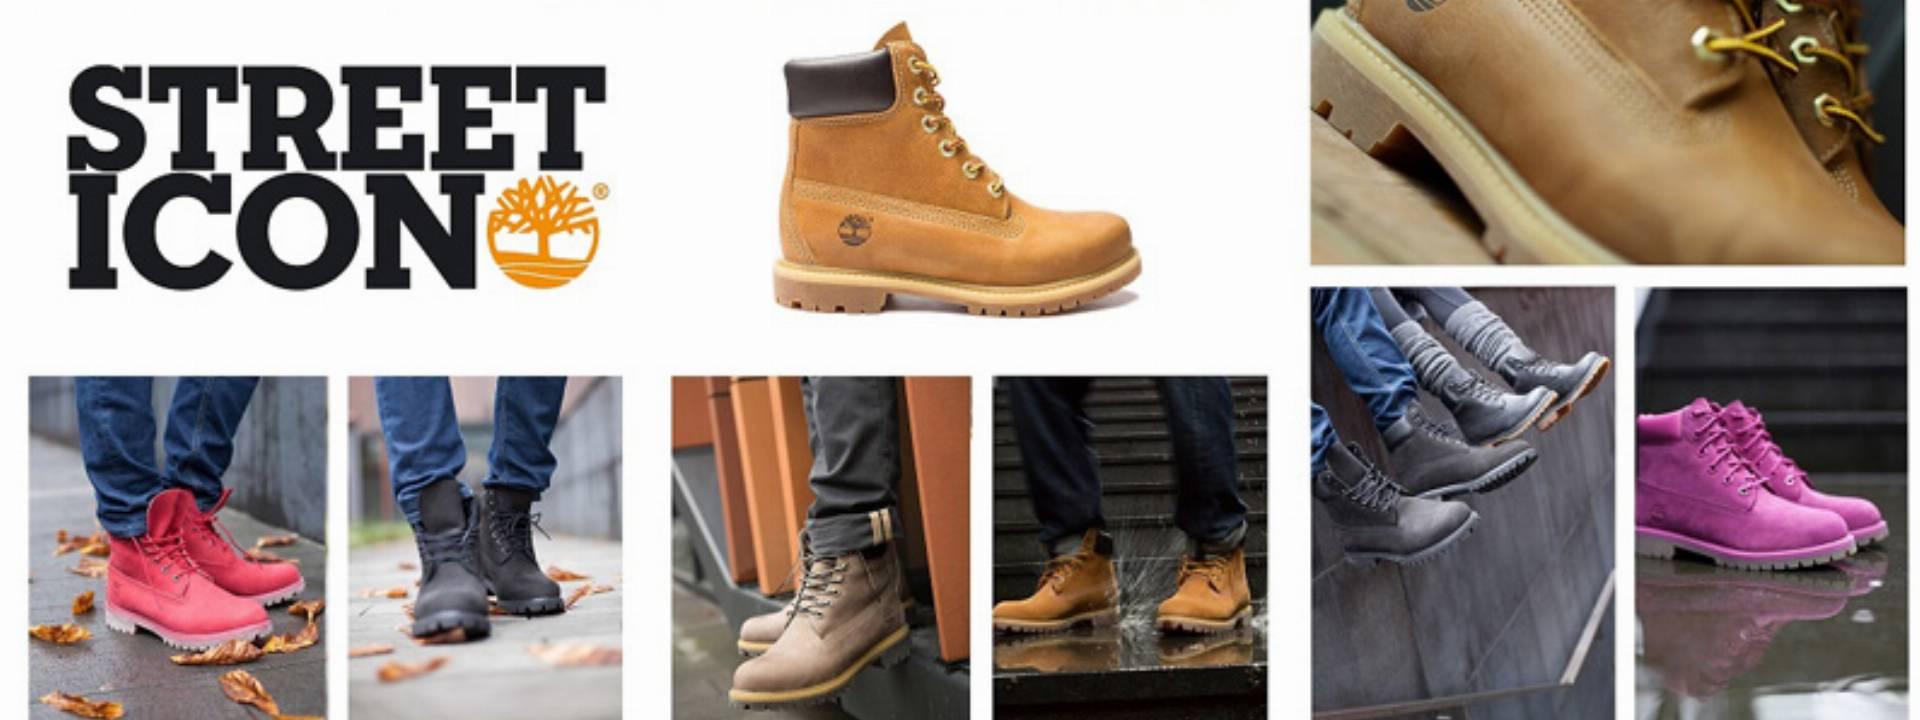 24e8553f1c86e0 Premium 6 od Timberland to buty, których nie trzeba nikomu przedstawiać.  Wyprodukowany w 1973 roku dla ciężko pracujących mieszkańców stanu Nowa  Anglia w ...